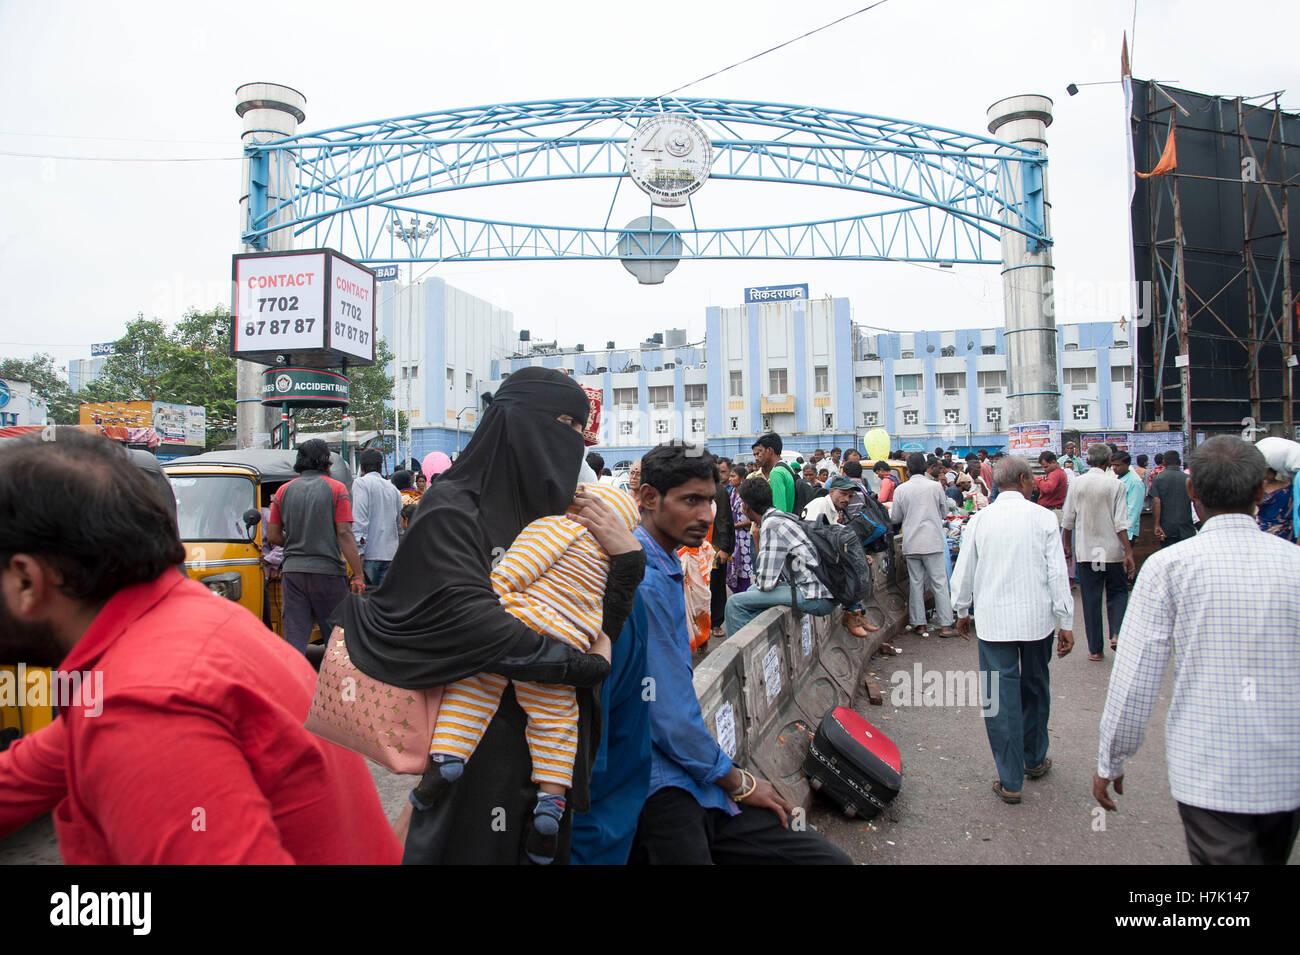 Giunzione Secunderabad stazione ferroviaria in Hyderabad Telangana india Immagini Stock